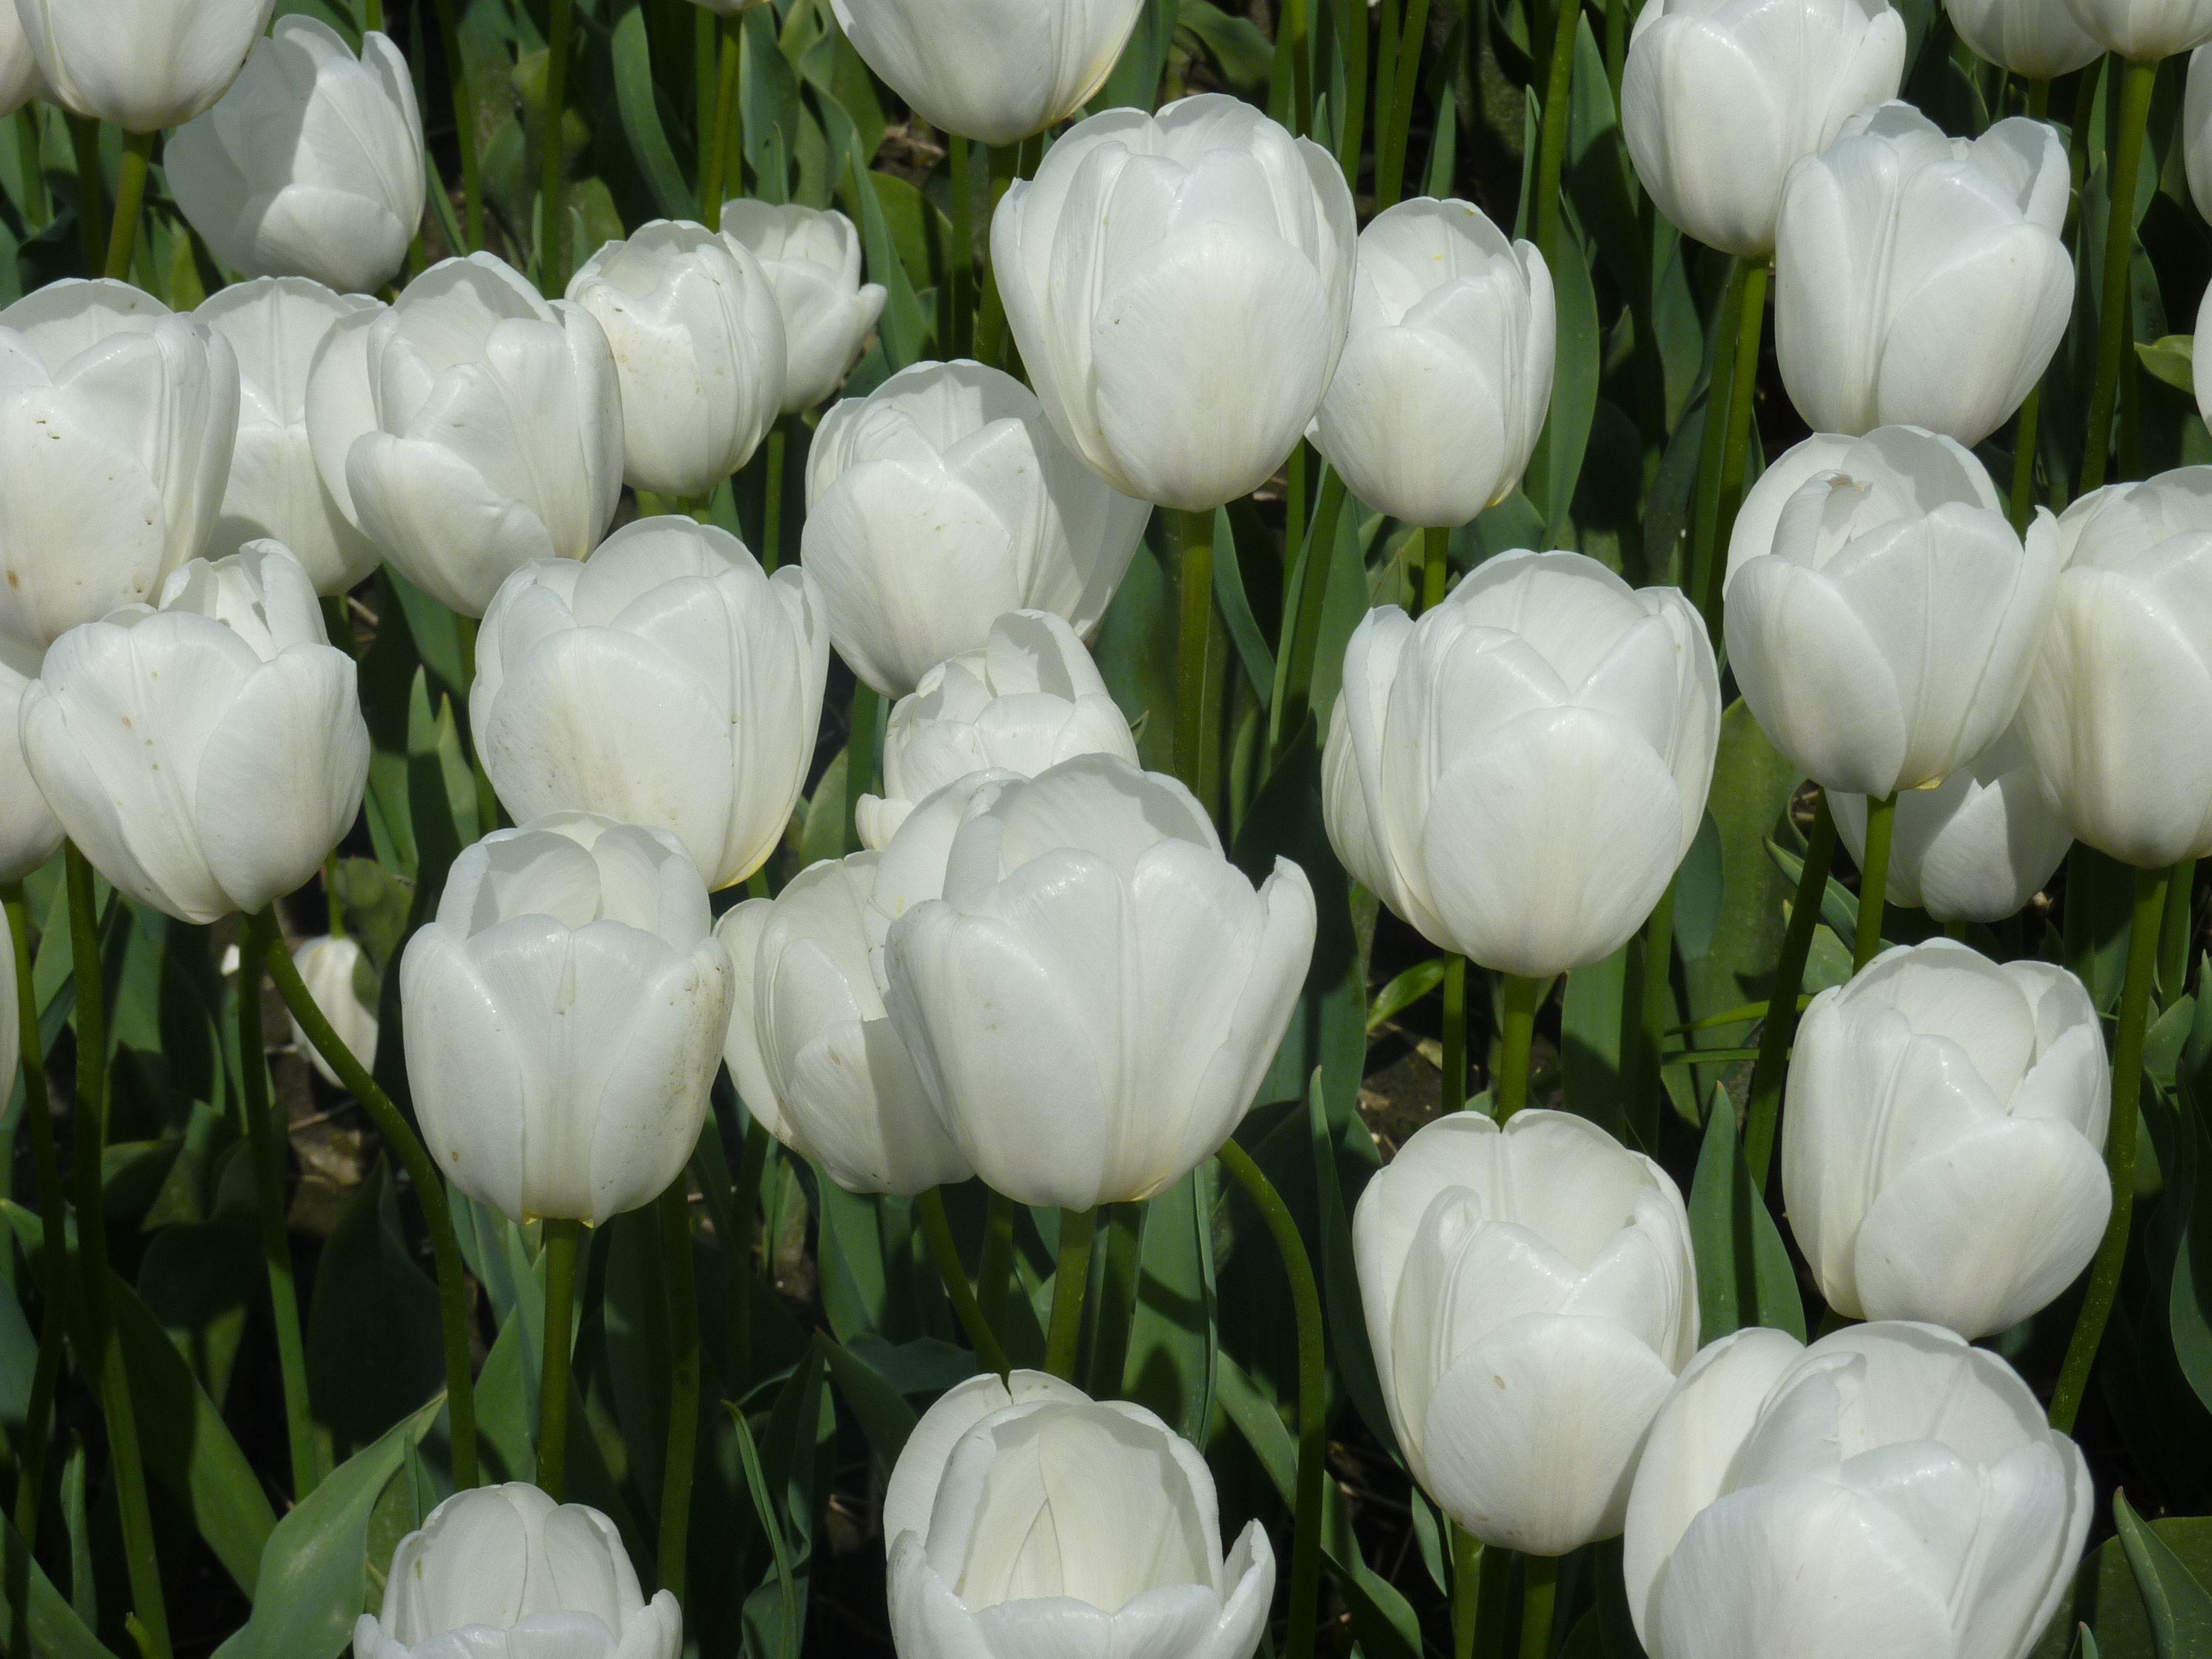 wwf 50 jaar Nederlandse witte tulpen ter ere van 50 jaar WWF.   Tulip white  wwf 50 jaar